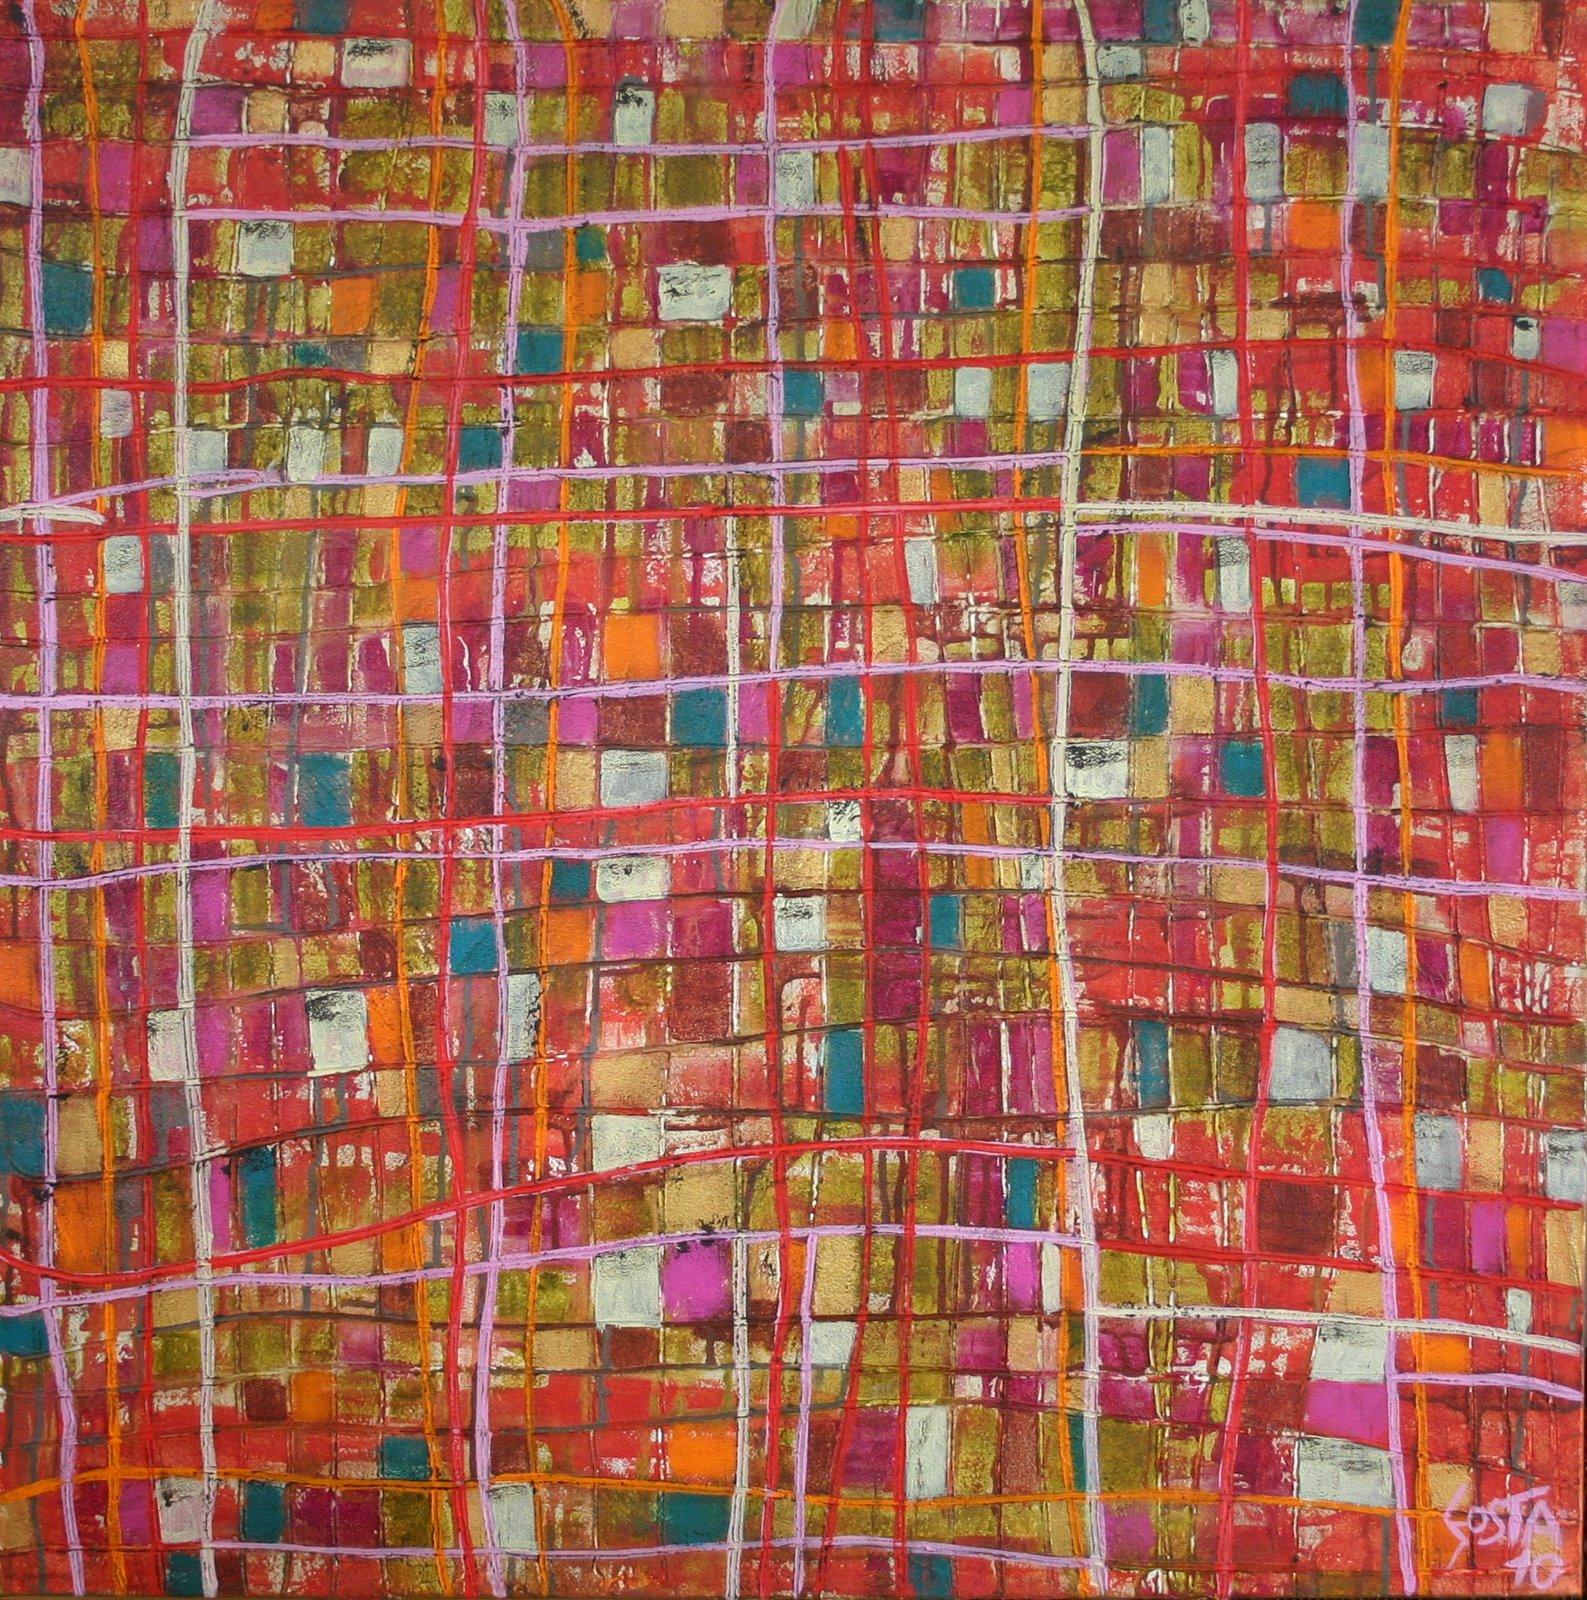 Tableau Contemporain, Colored squares. Sophie Costa, artiste peintre.